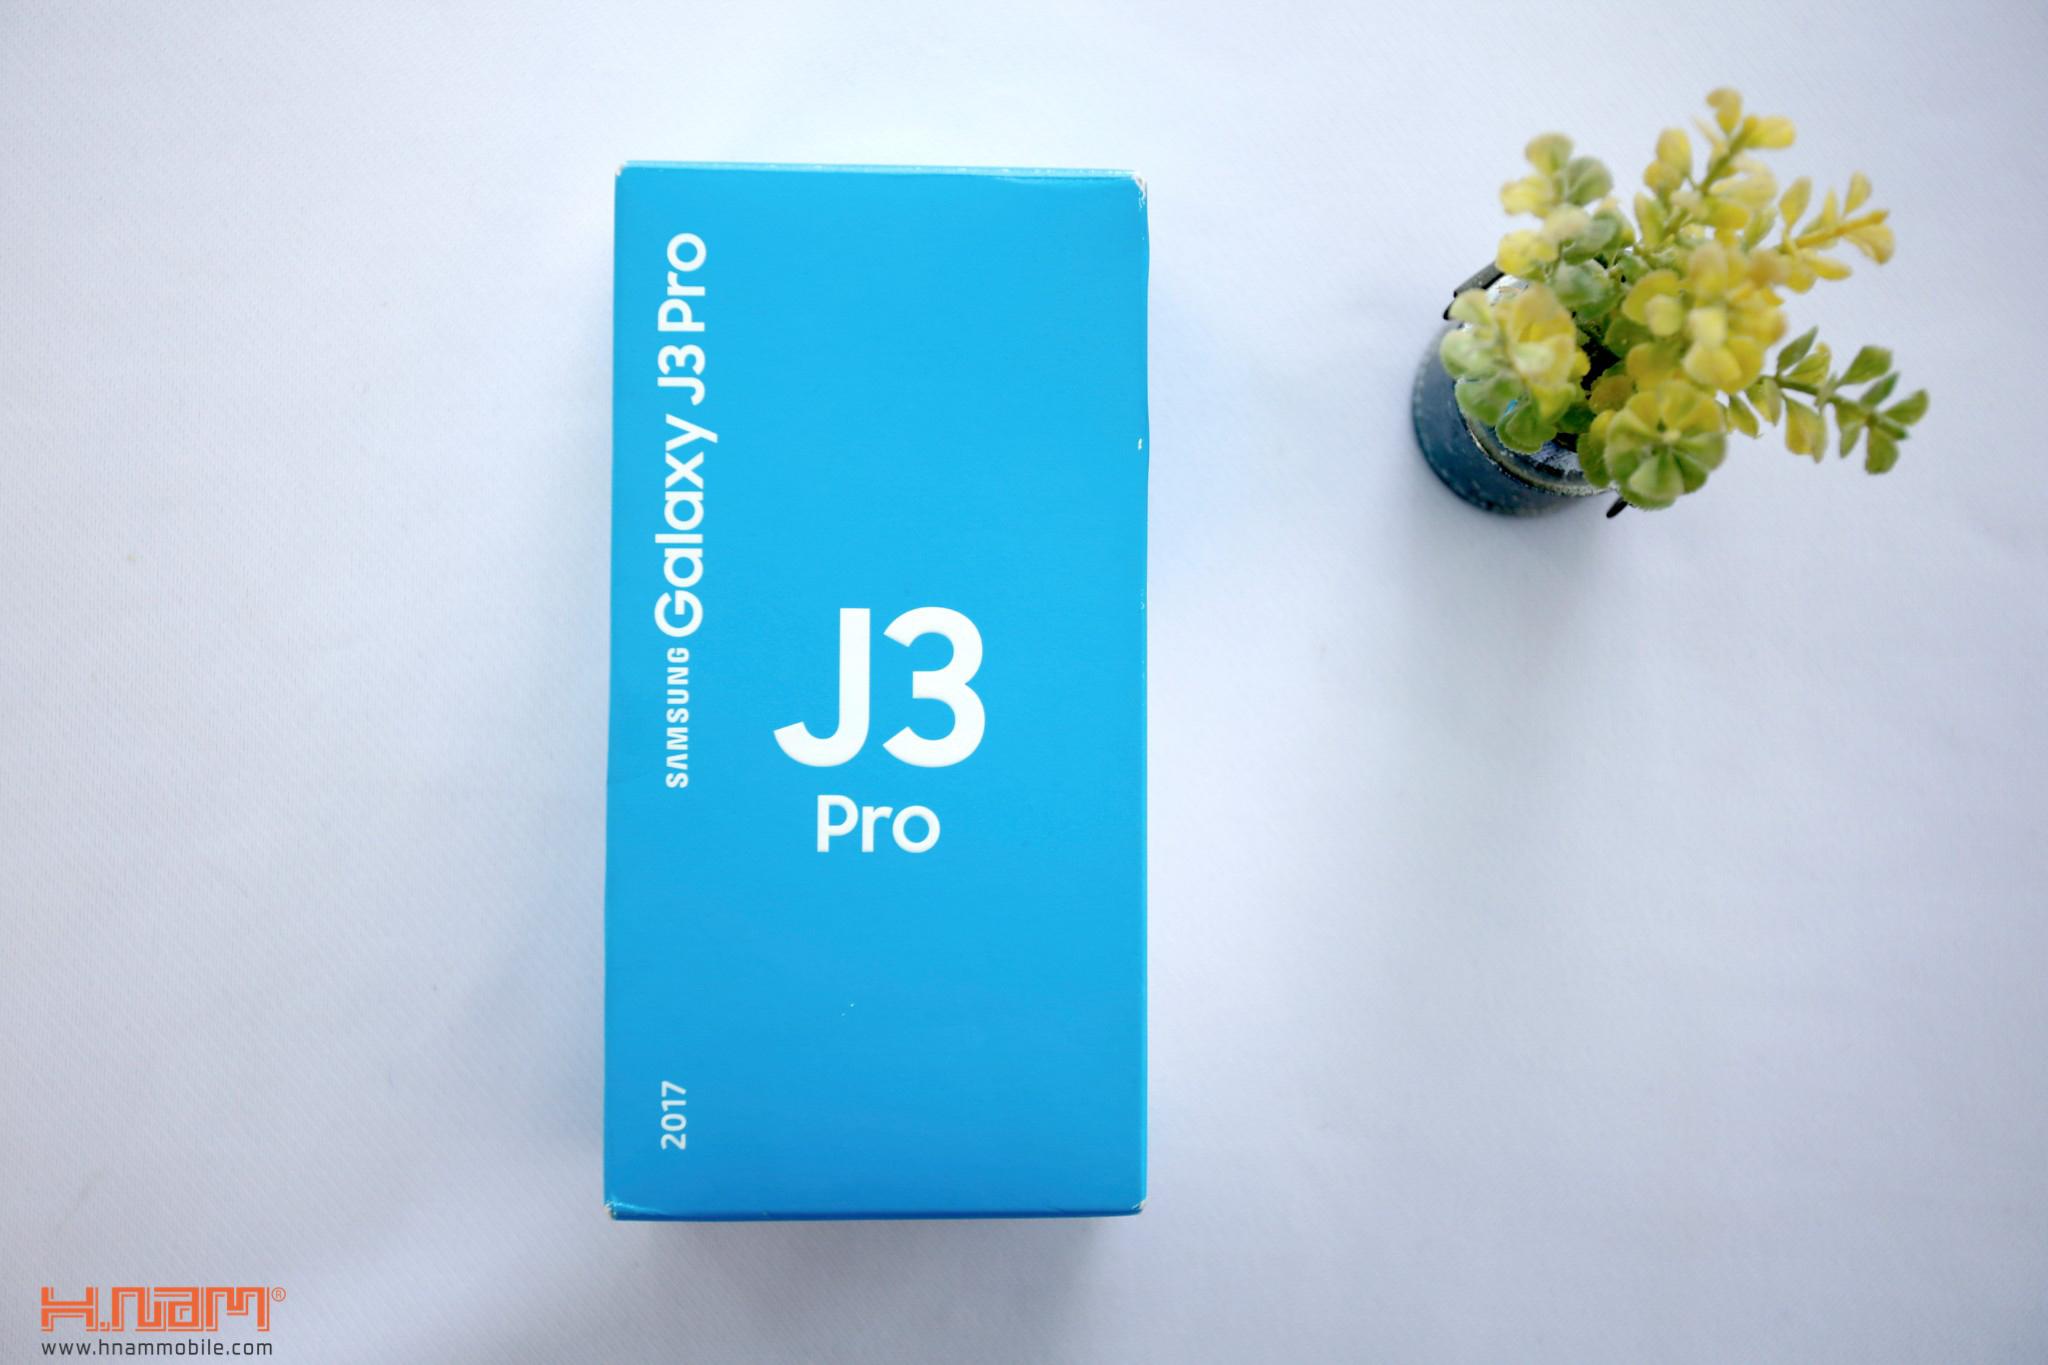 Đập hộp Samsung Galaxy J3 Pro: giá hơn 4 triệu đồng, camera F/1.9 hình 1